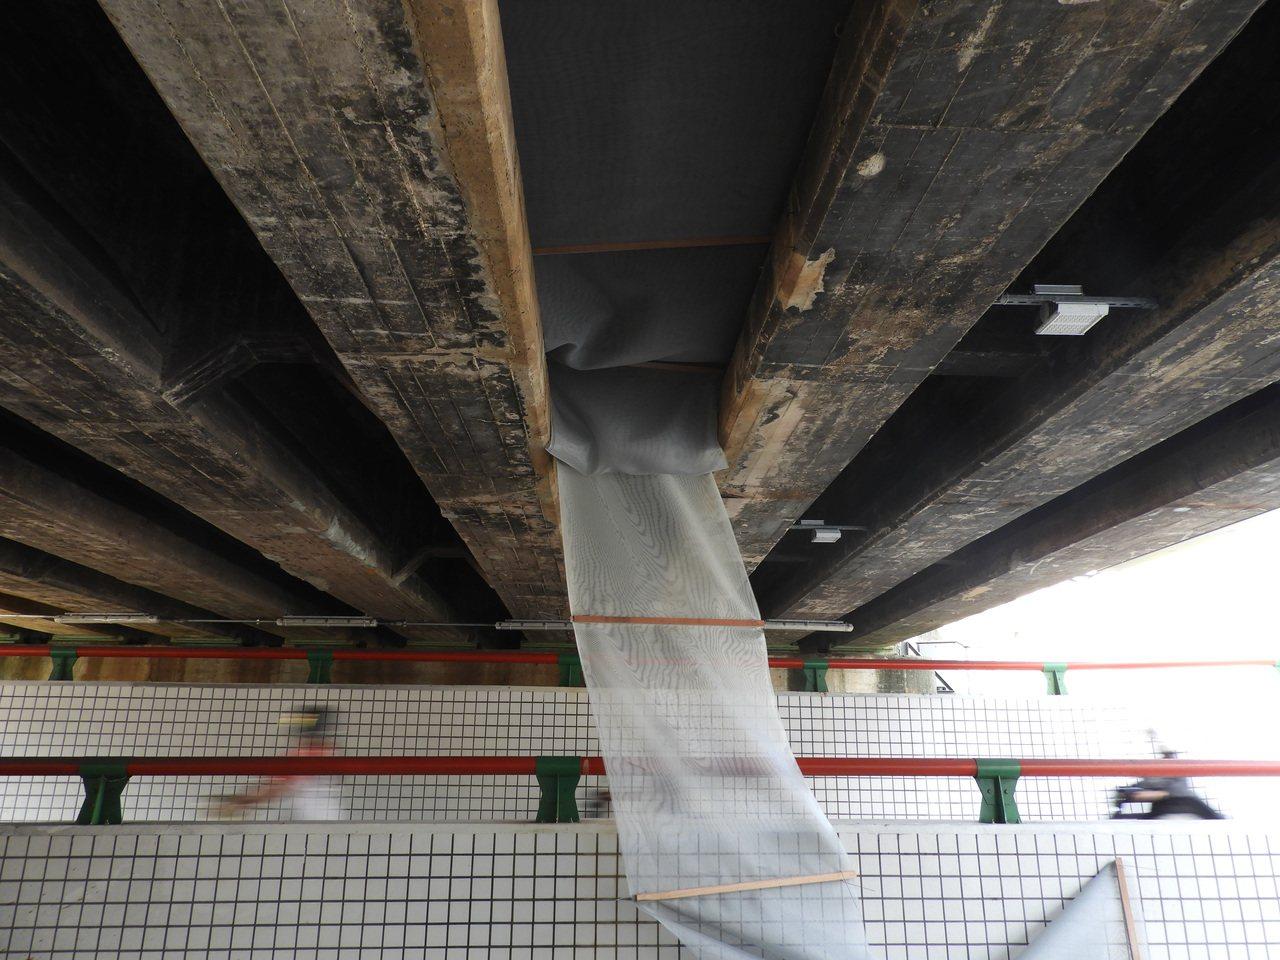 養工處於昨日下午前往於橋梁下加裝安全防護網,避免混凝土塊再次掉落。記者高宇震/攝...